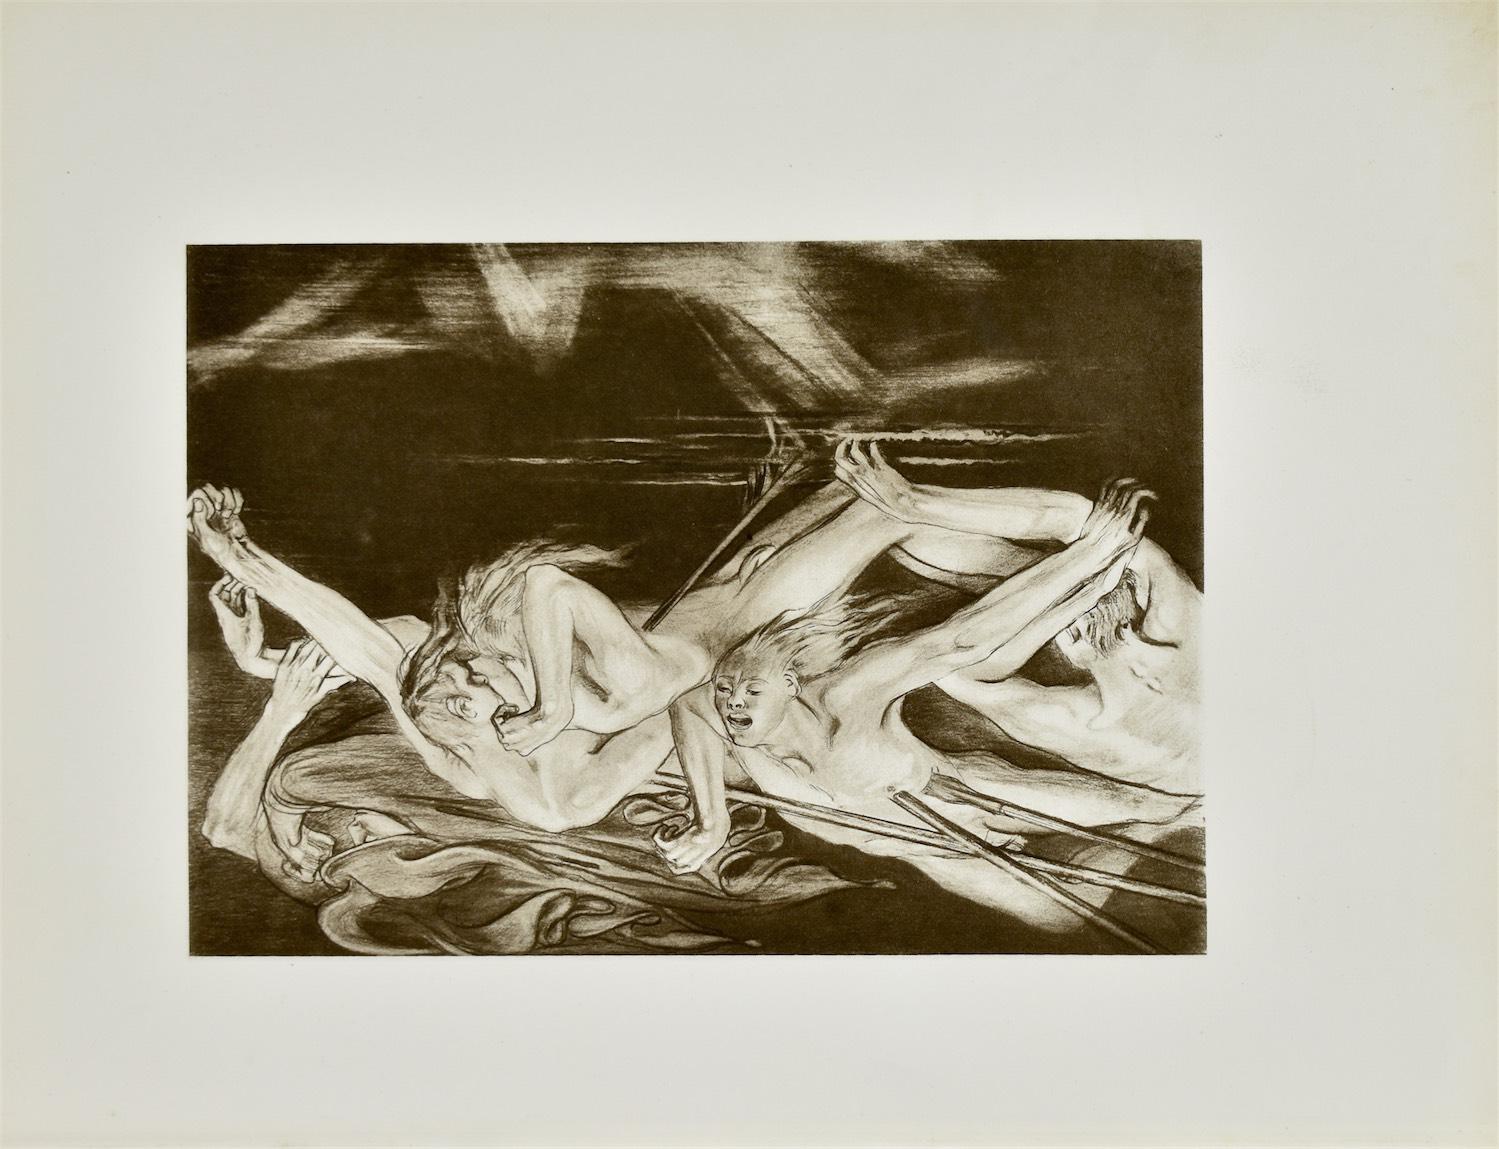 Hermes wiedzie duchy bohaterów do głębi Hadesu (Iljada)